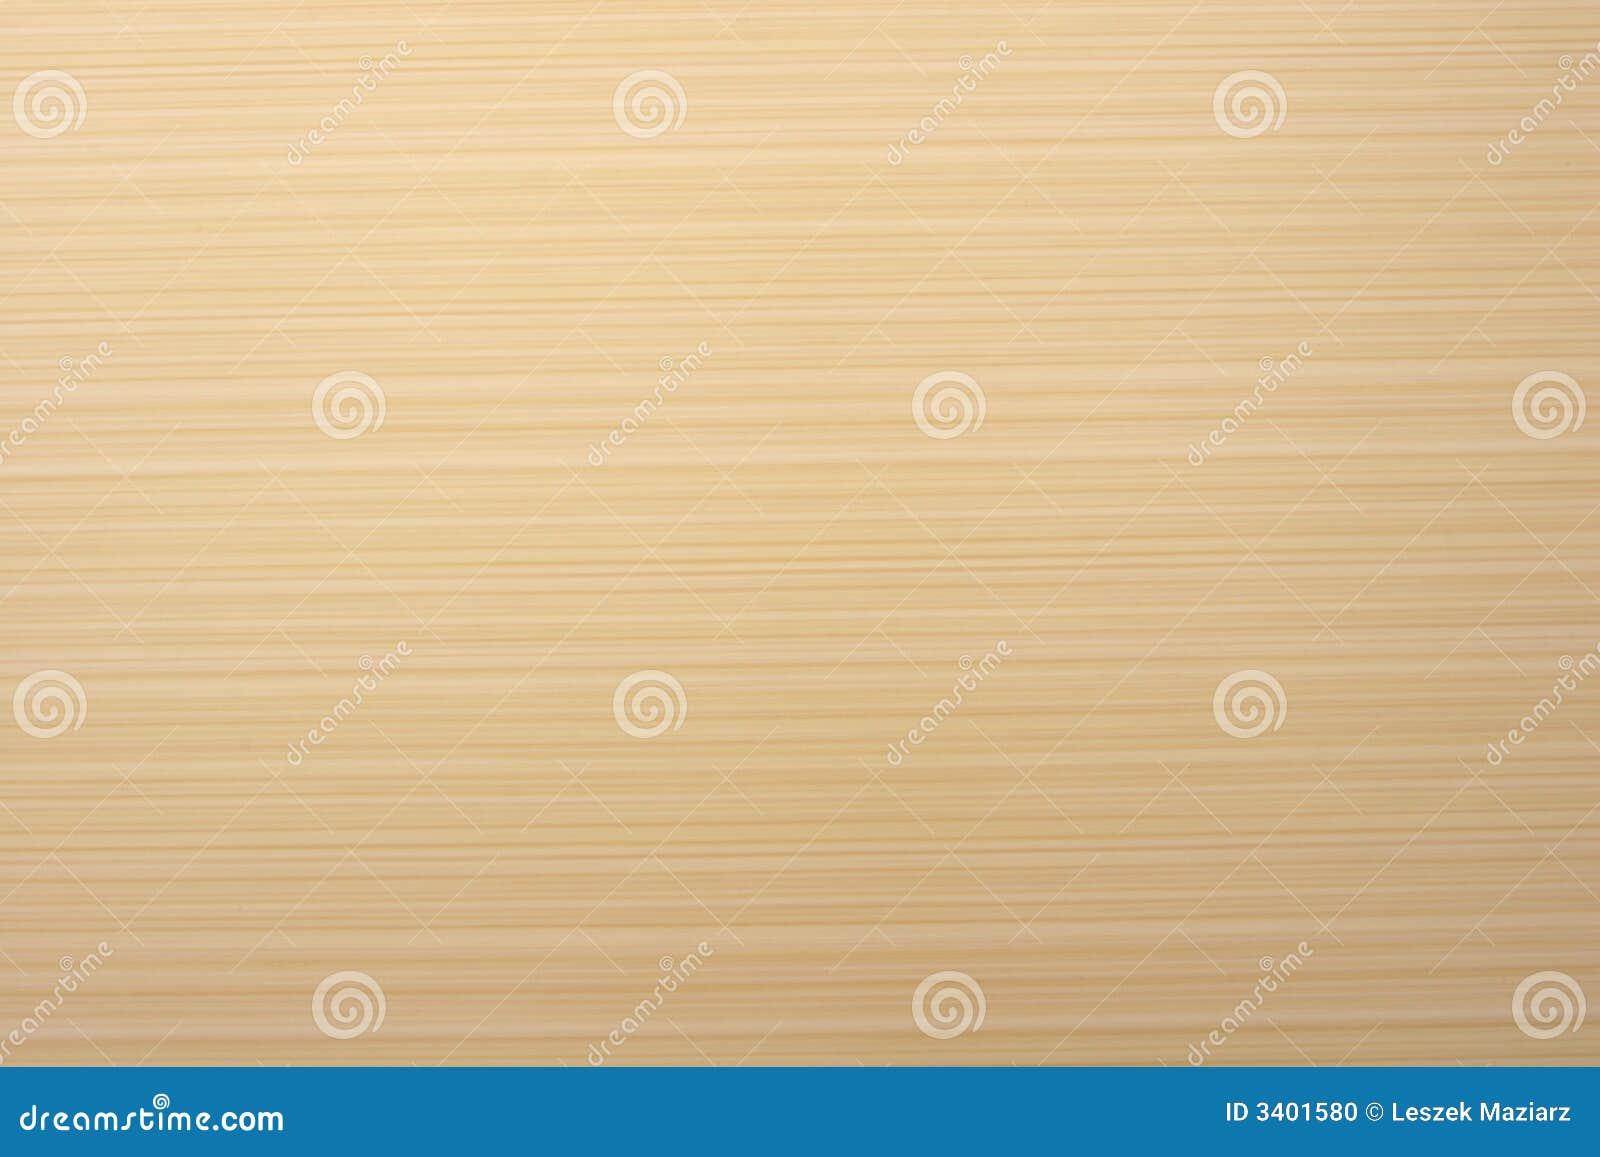 Yellow straw wood grain